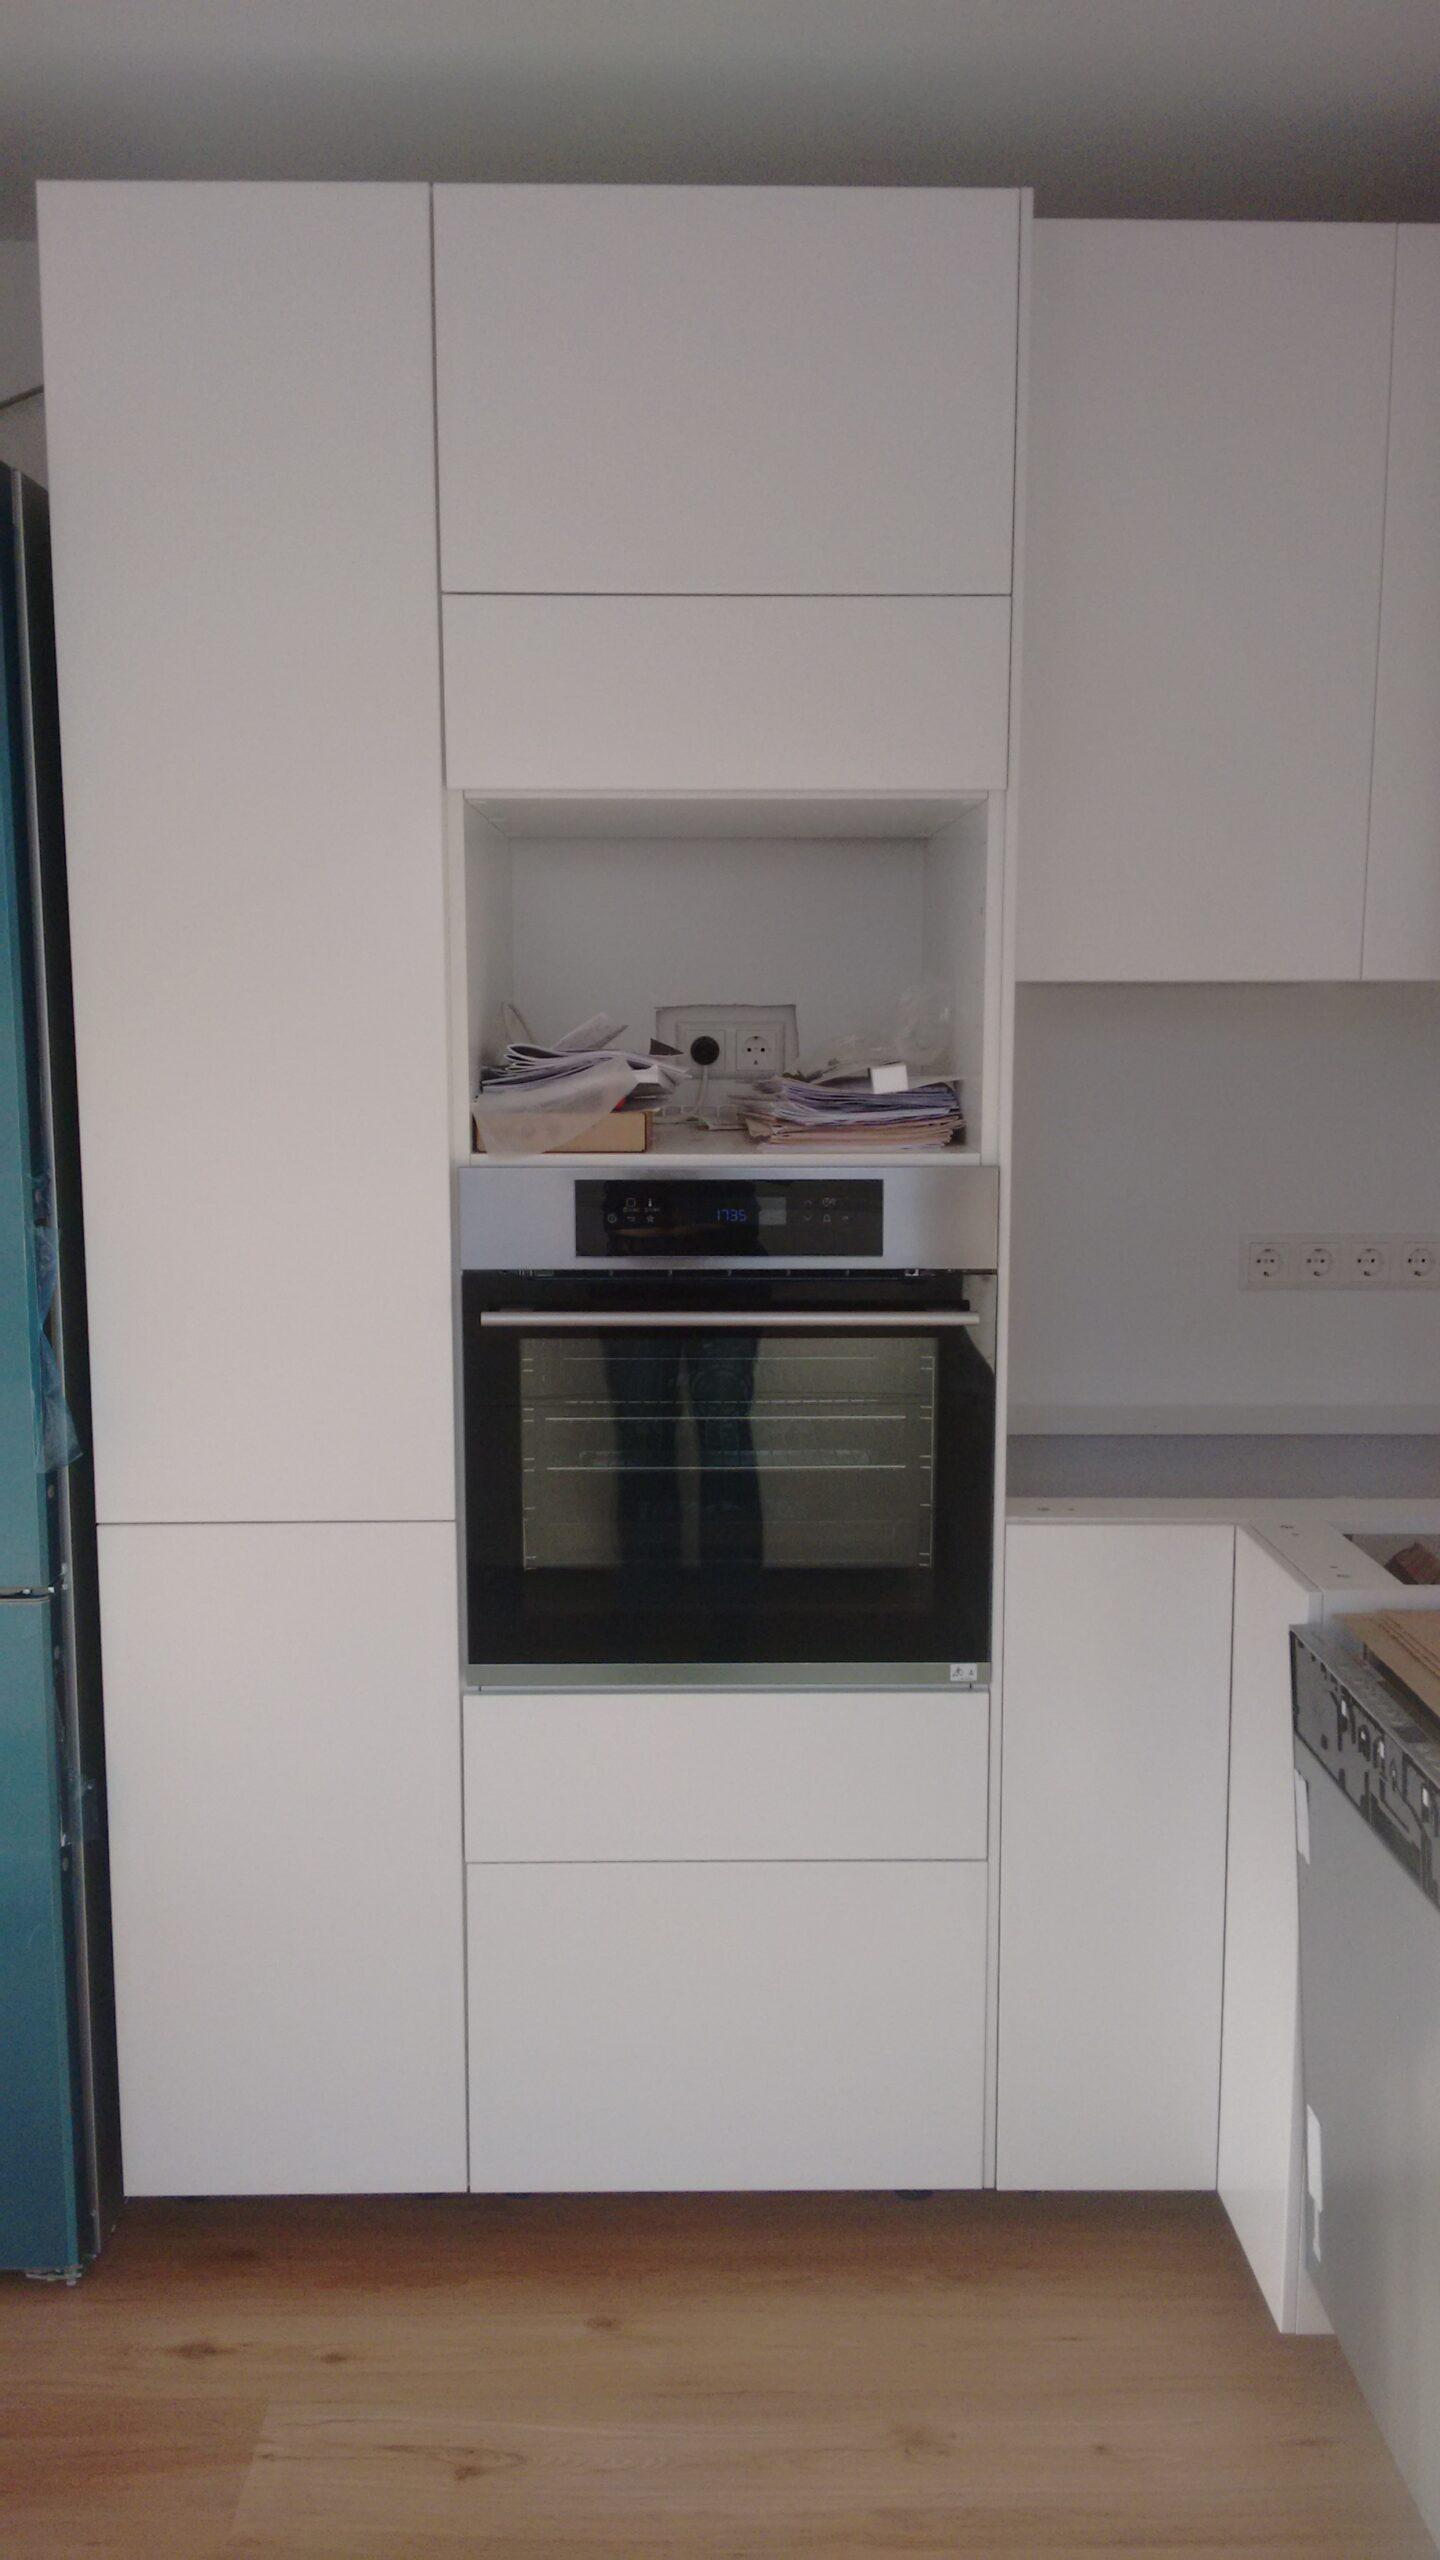 Full Size of Ikea Miniküche Küche Kosten Vorratsschrank Betten Bei Modulküche Kaufen Sofa Mit Schlaffunktion 160x200 Wohnzimmer Ikea Vorratsschrank